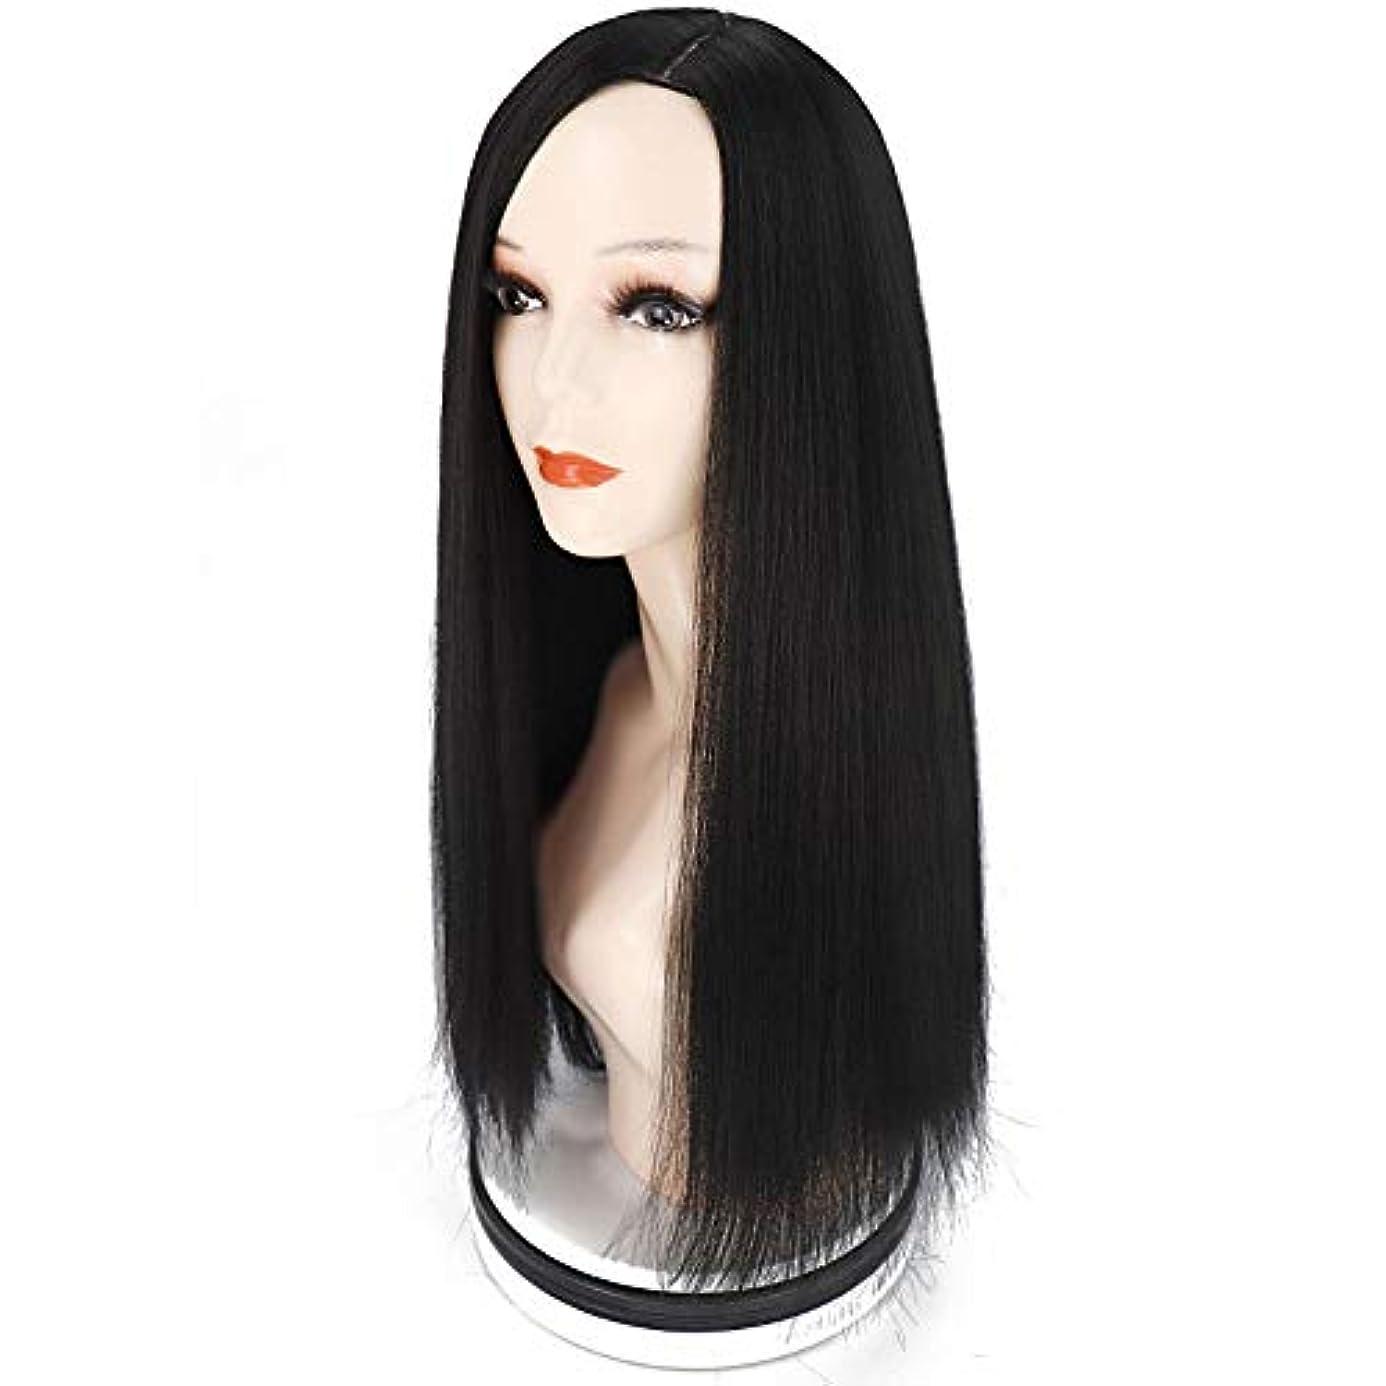 認知麻痺させるコレクションヘアエクステンションストレート人工毛ウィッグロングウィッグ26